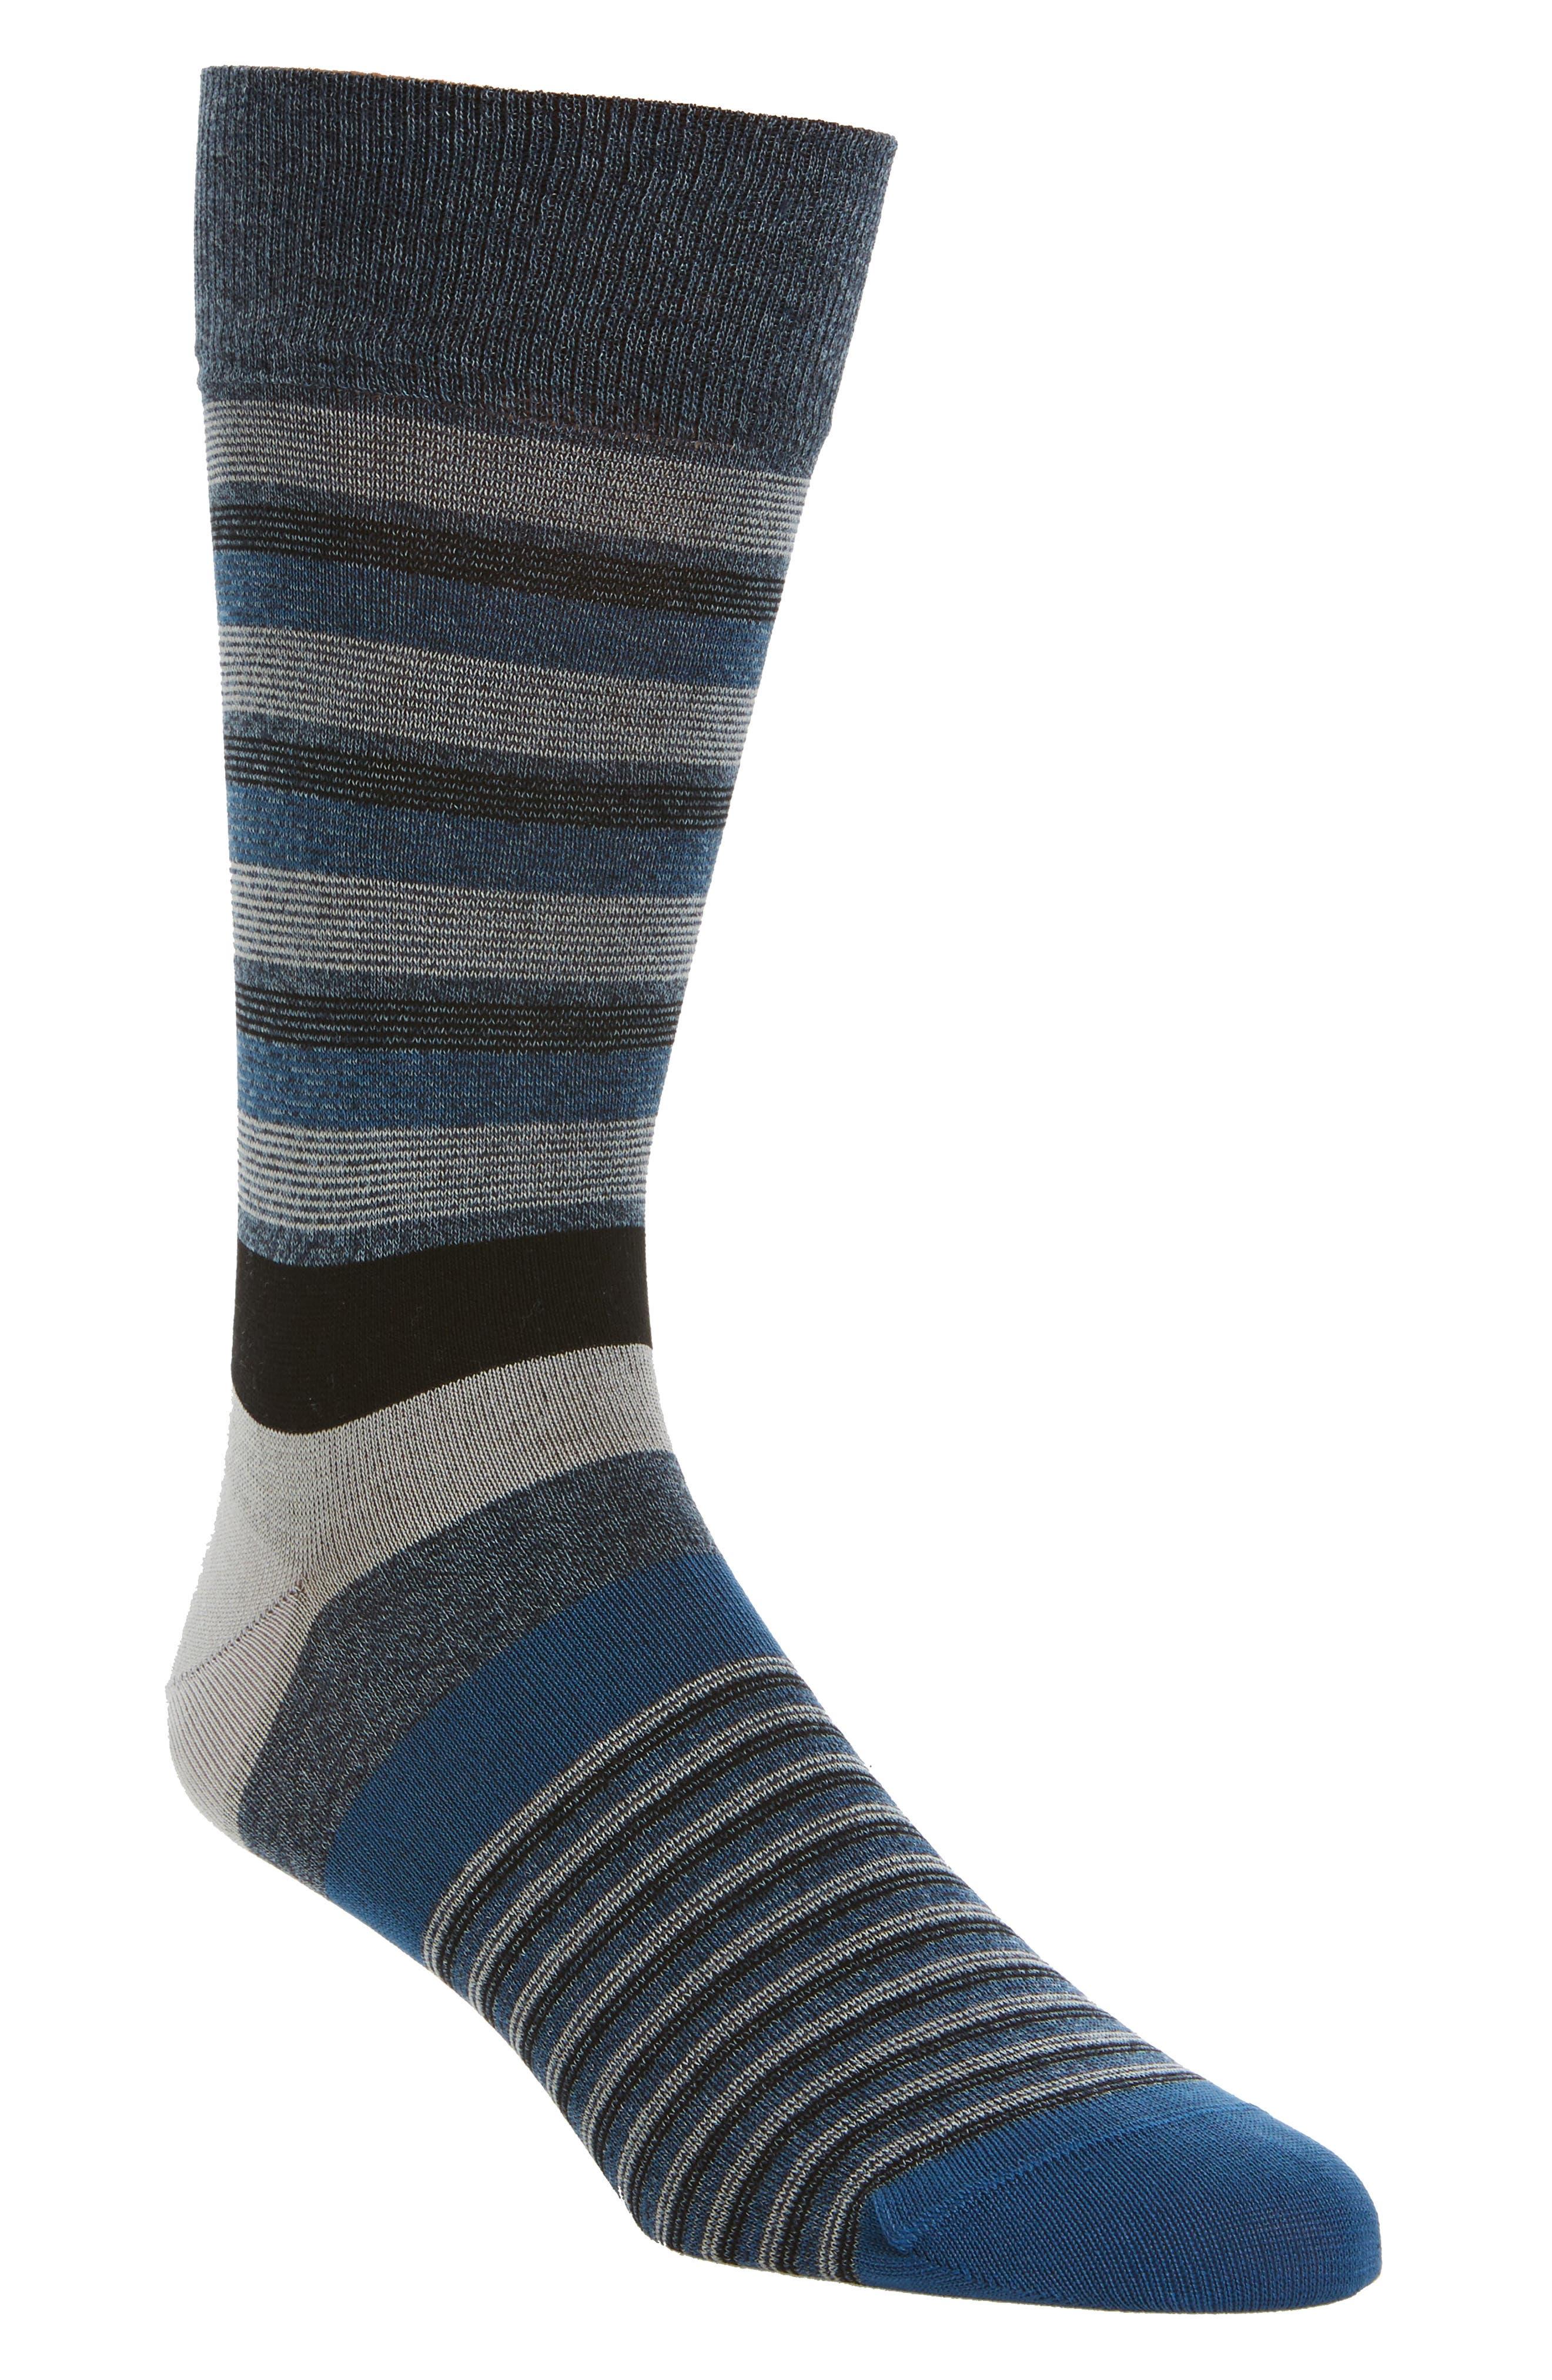 Stripe Socks,                             Main thumbnail 1, color,                             030